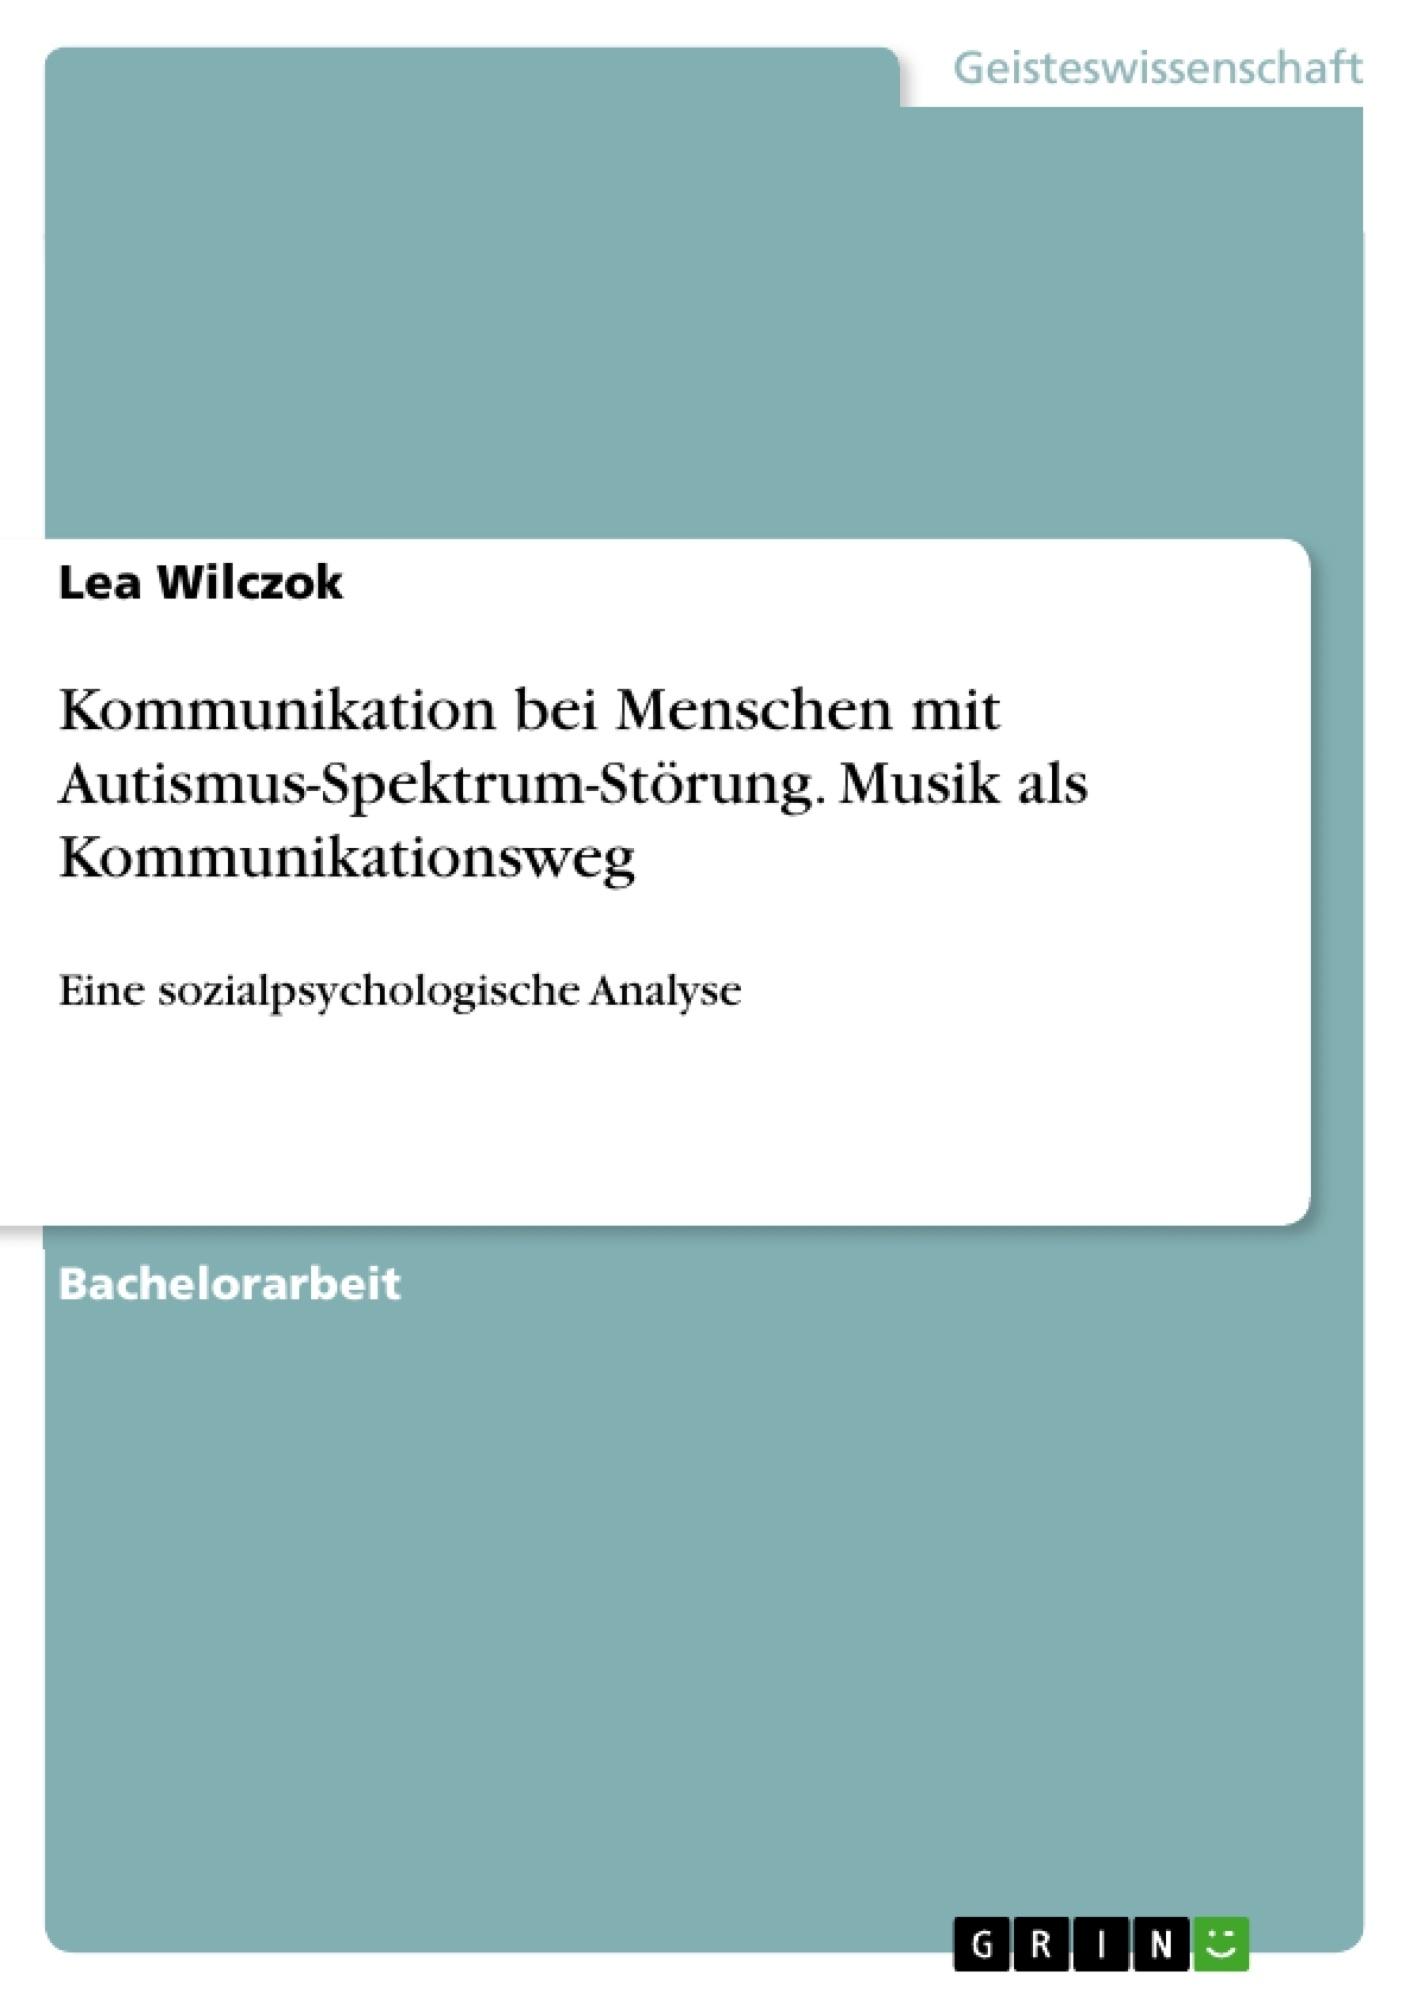 Titel: Kommunikation bei Menschen mit Autismus-Spektrum-Störung. Musik als Kommunikationsweg